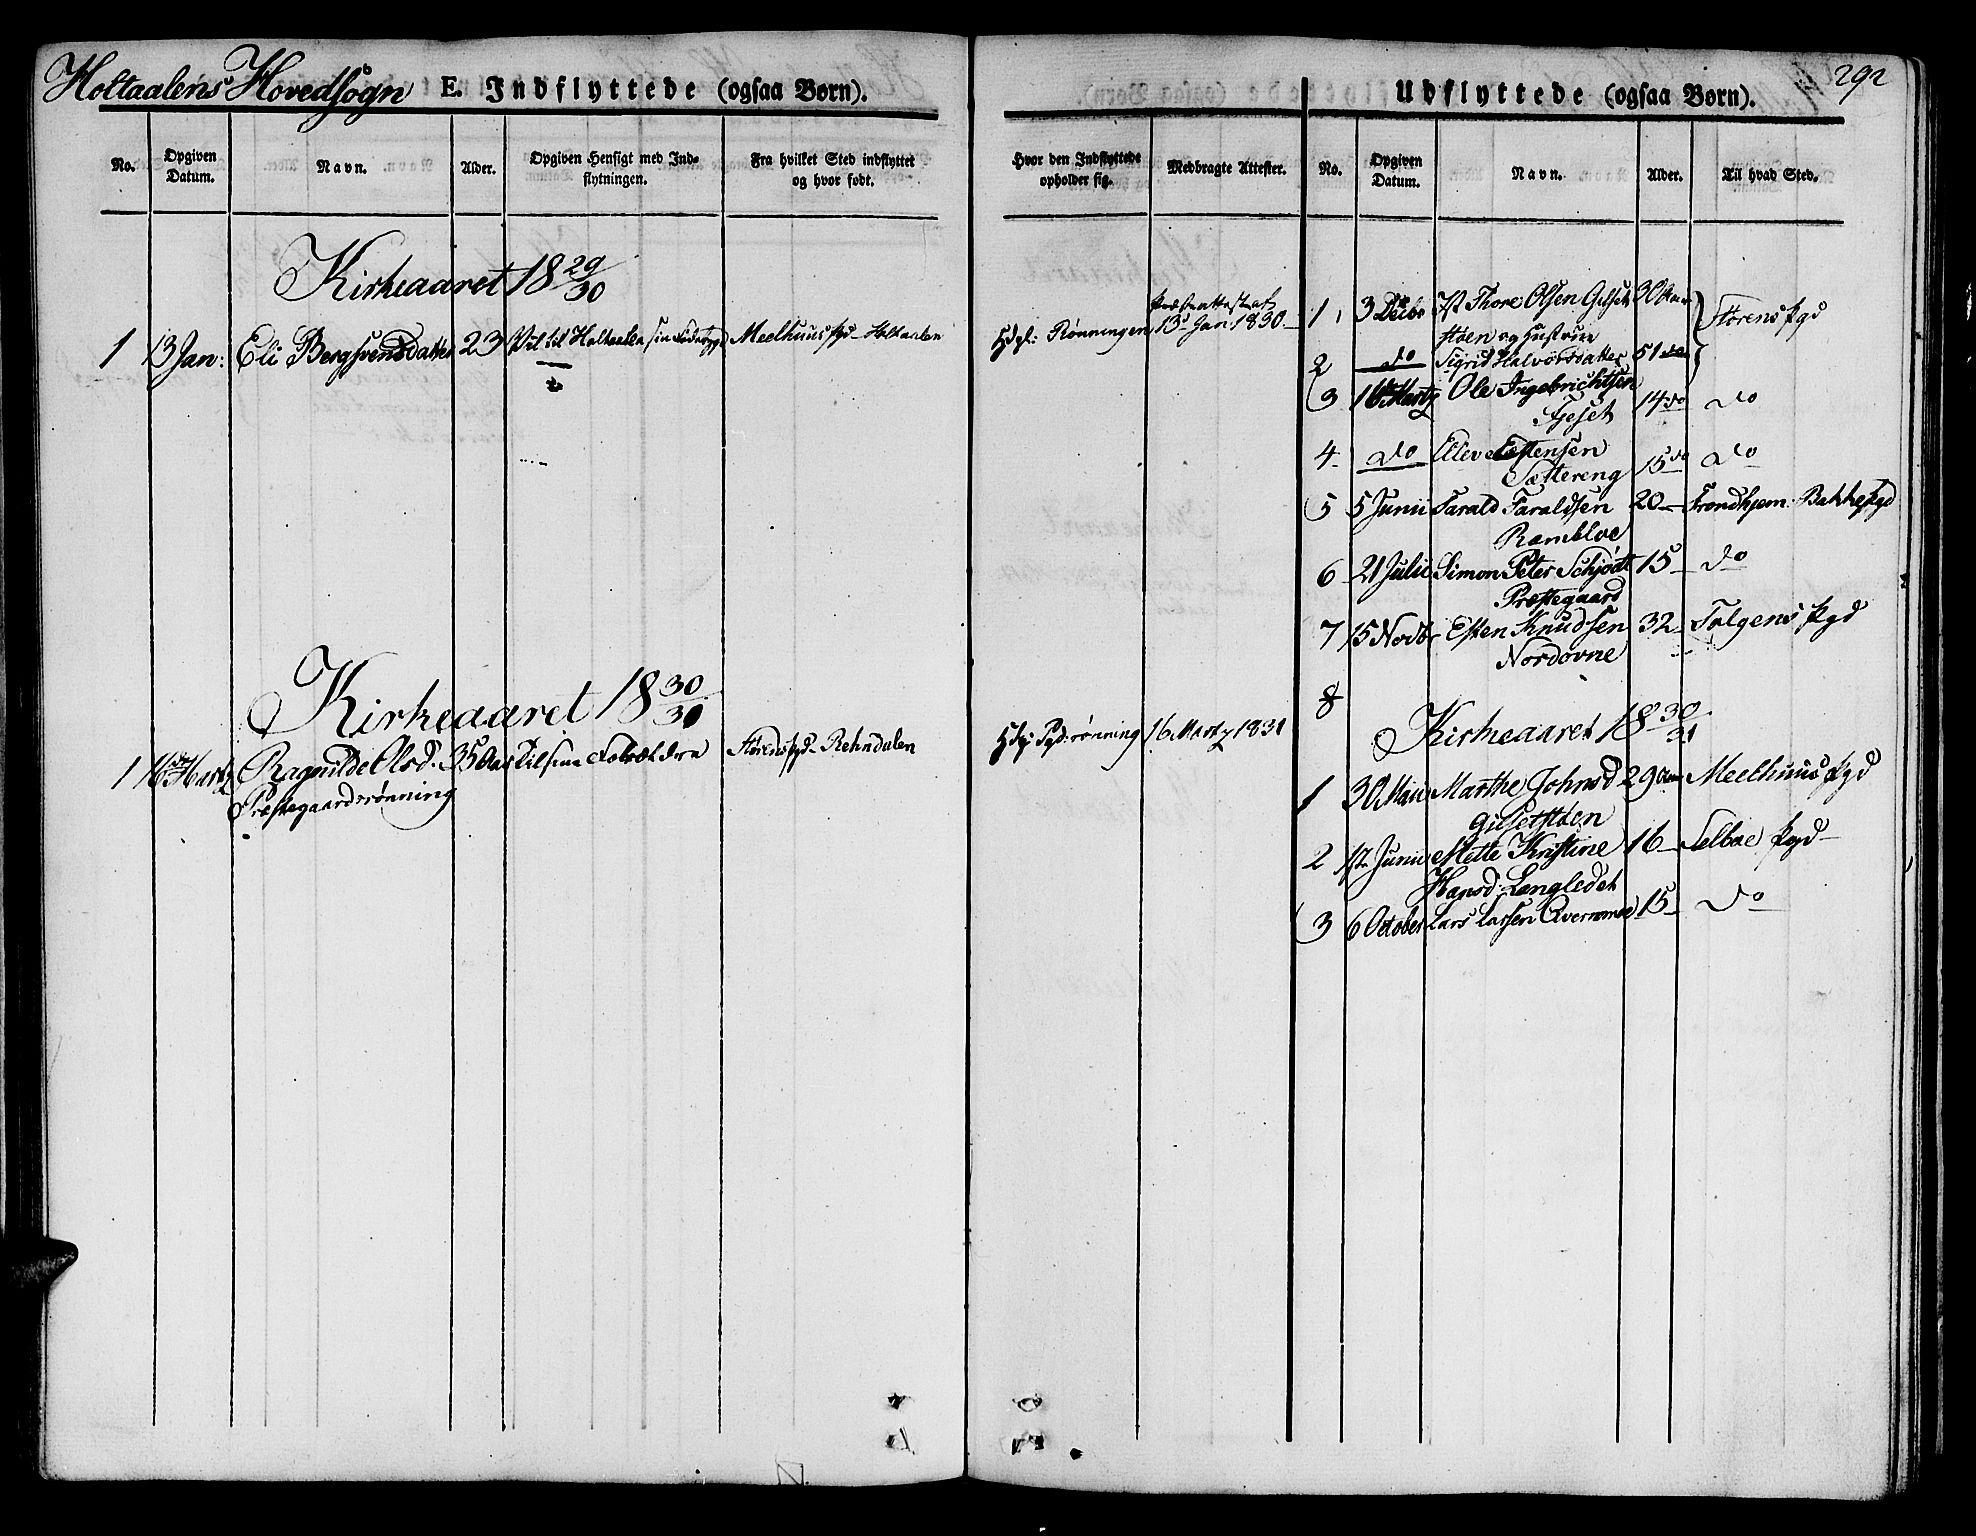 SAT, Ministerialprotokoller, klokkerbøker og fødselsregistre - Sør-Trøndelag, 685/L0960: Ministerialbok nr. 685A05 /1, 1829-1845, s. 292